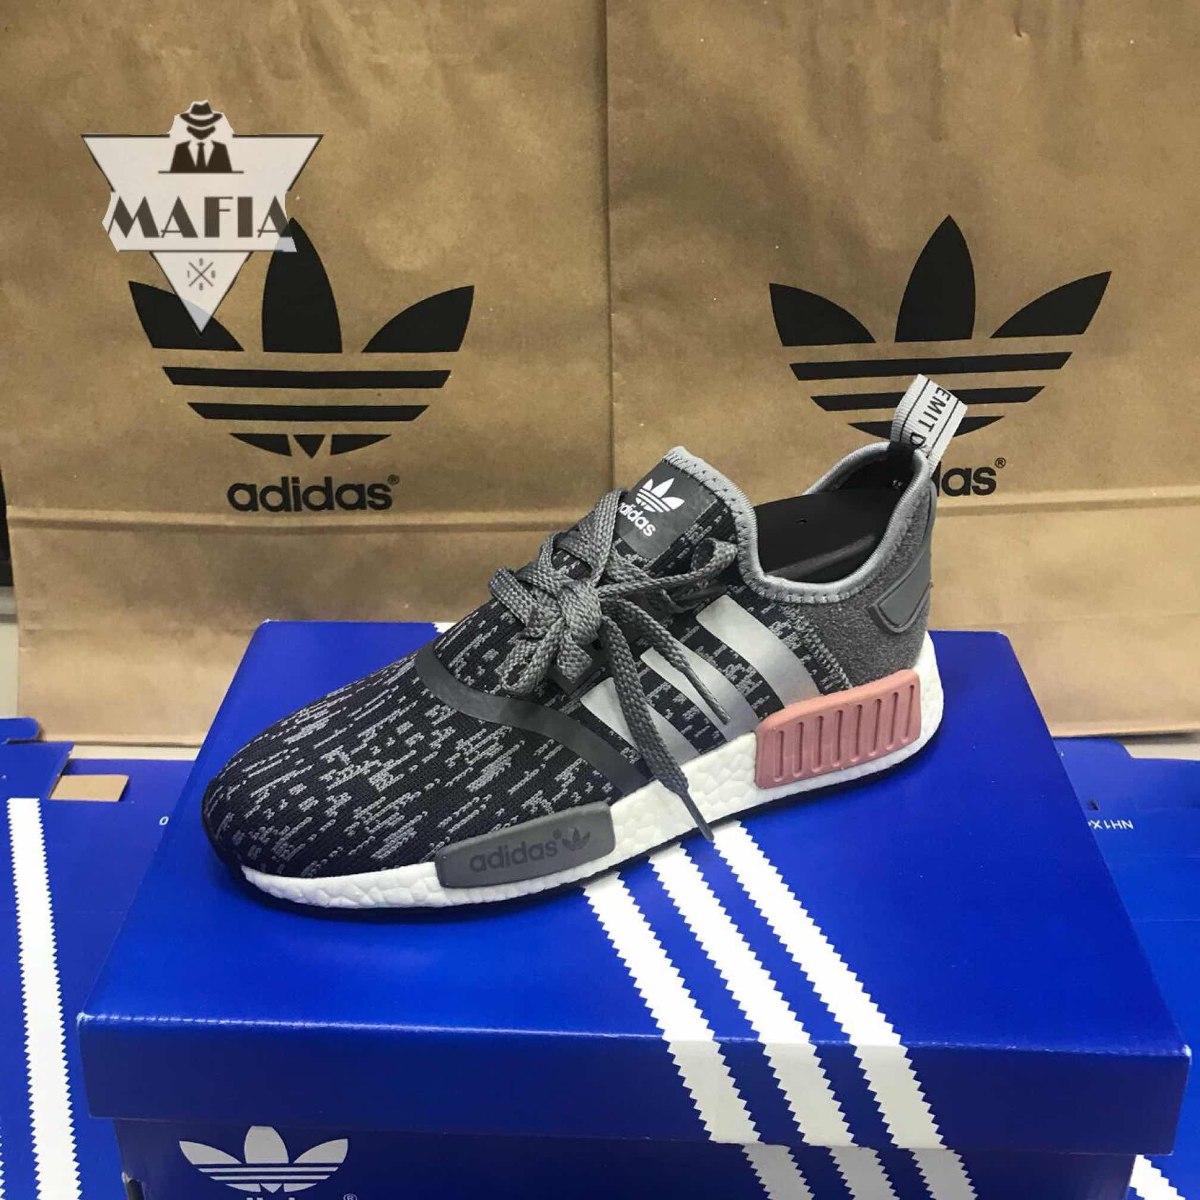 sports shoes 8b554 09ff5 Tênis adidas Nmd Runner R1 Preto Feminino +1 Brinde